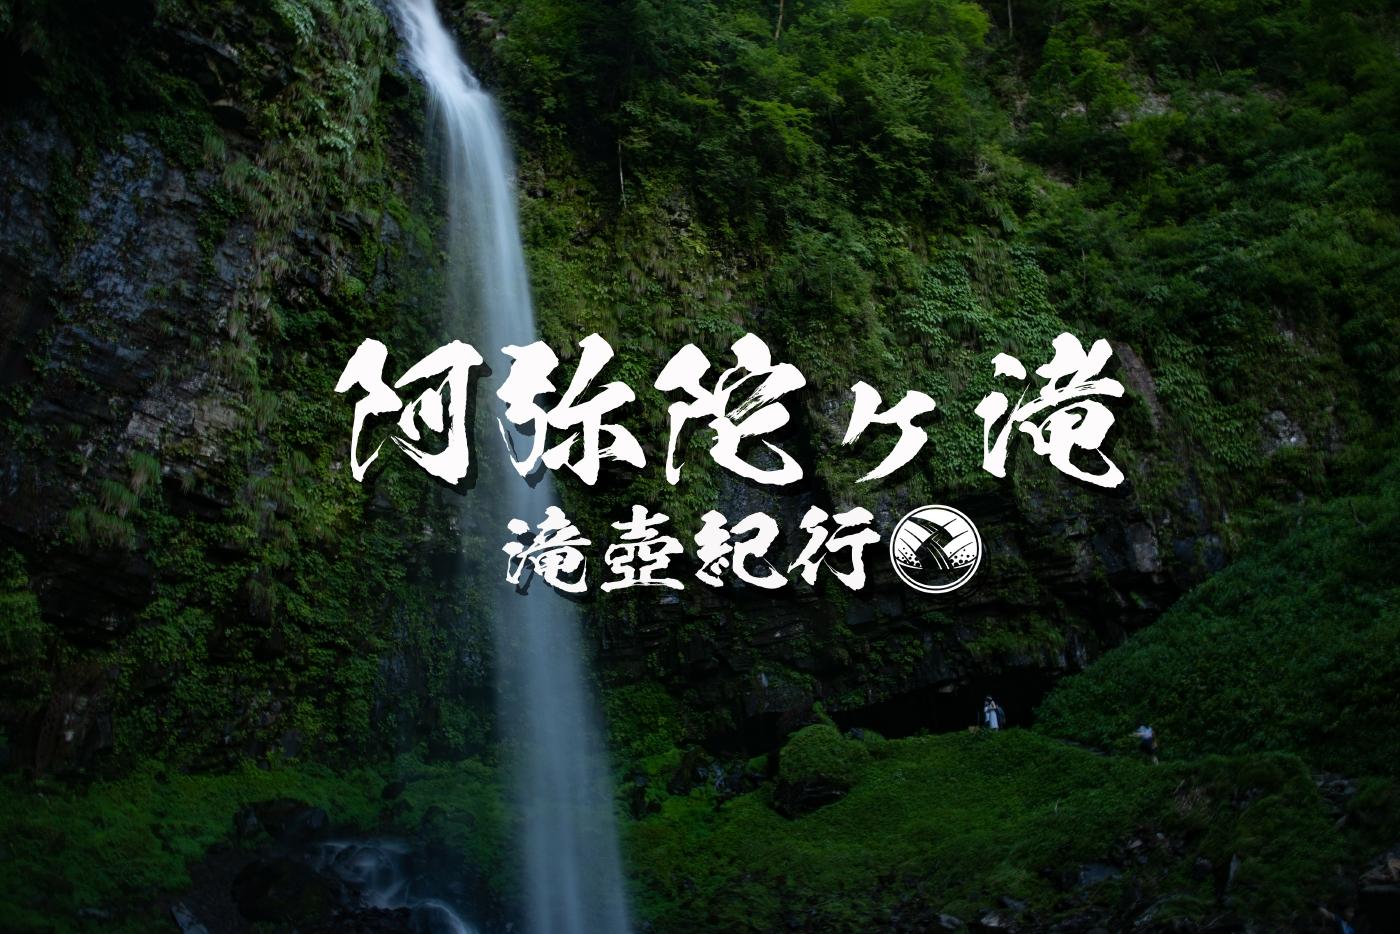 阿弥陀ヶ滝 ~岐阜県・郡上市~ 中部百名瀑巡り Vol.2